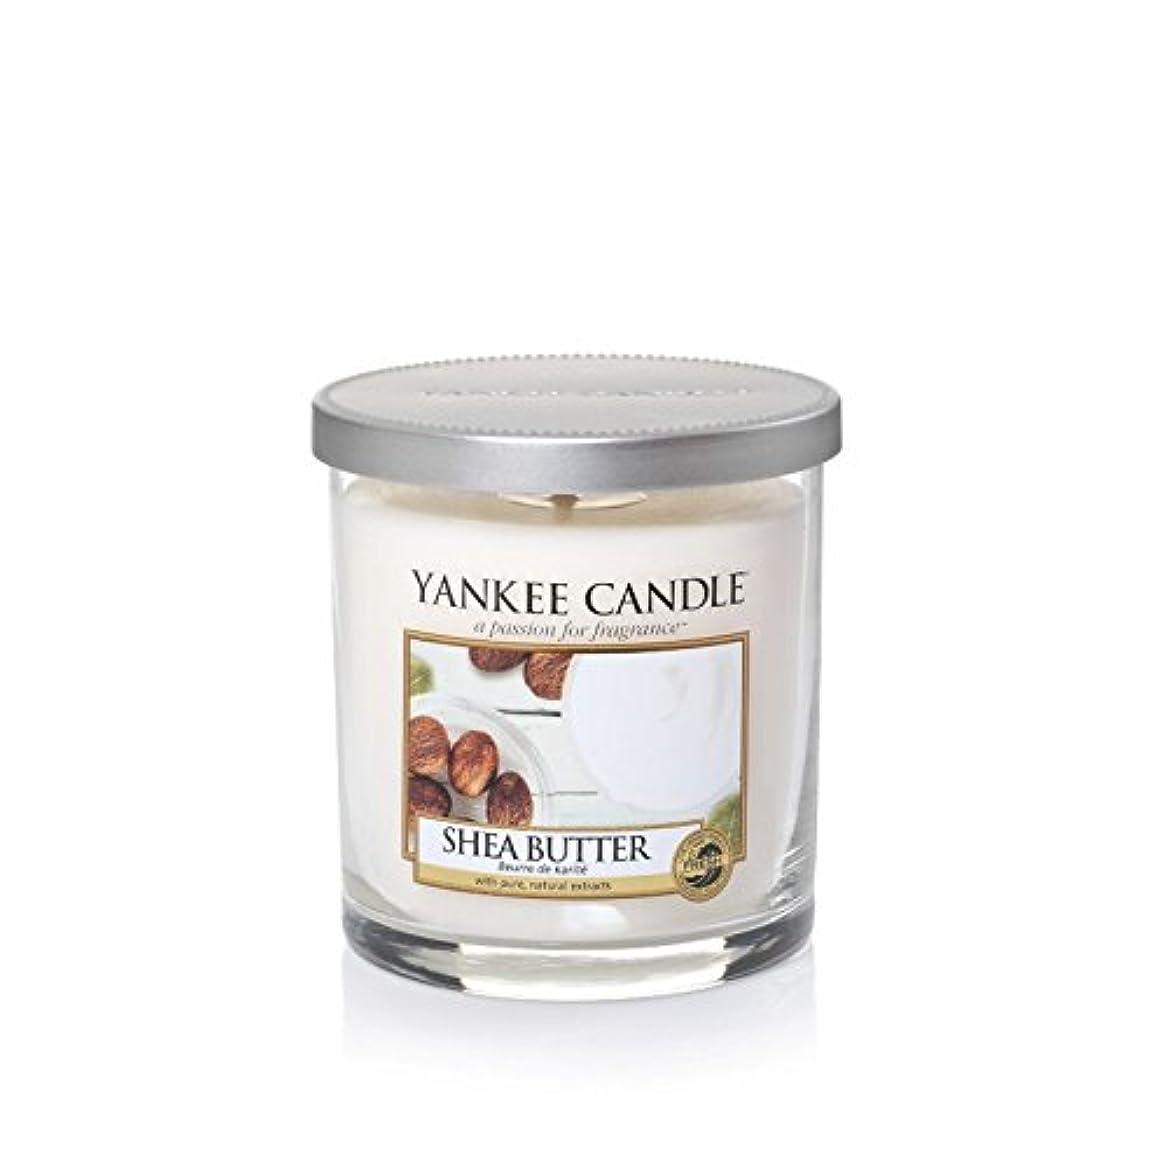 発火する電気技師ふりをするYankee Candles Small Pillar Candle - Shea Butter (Pack of 2) - ヤンキーキャンドルの小さな柱キャンドル - シアバター (x2) [並行輸入品]